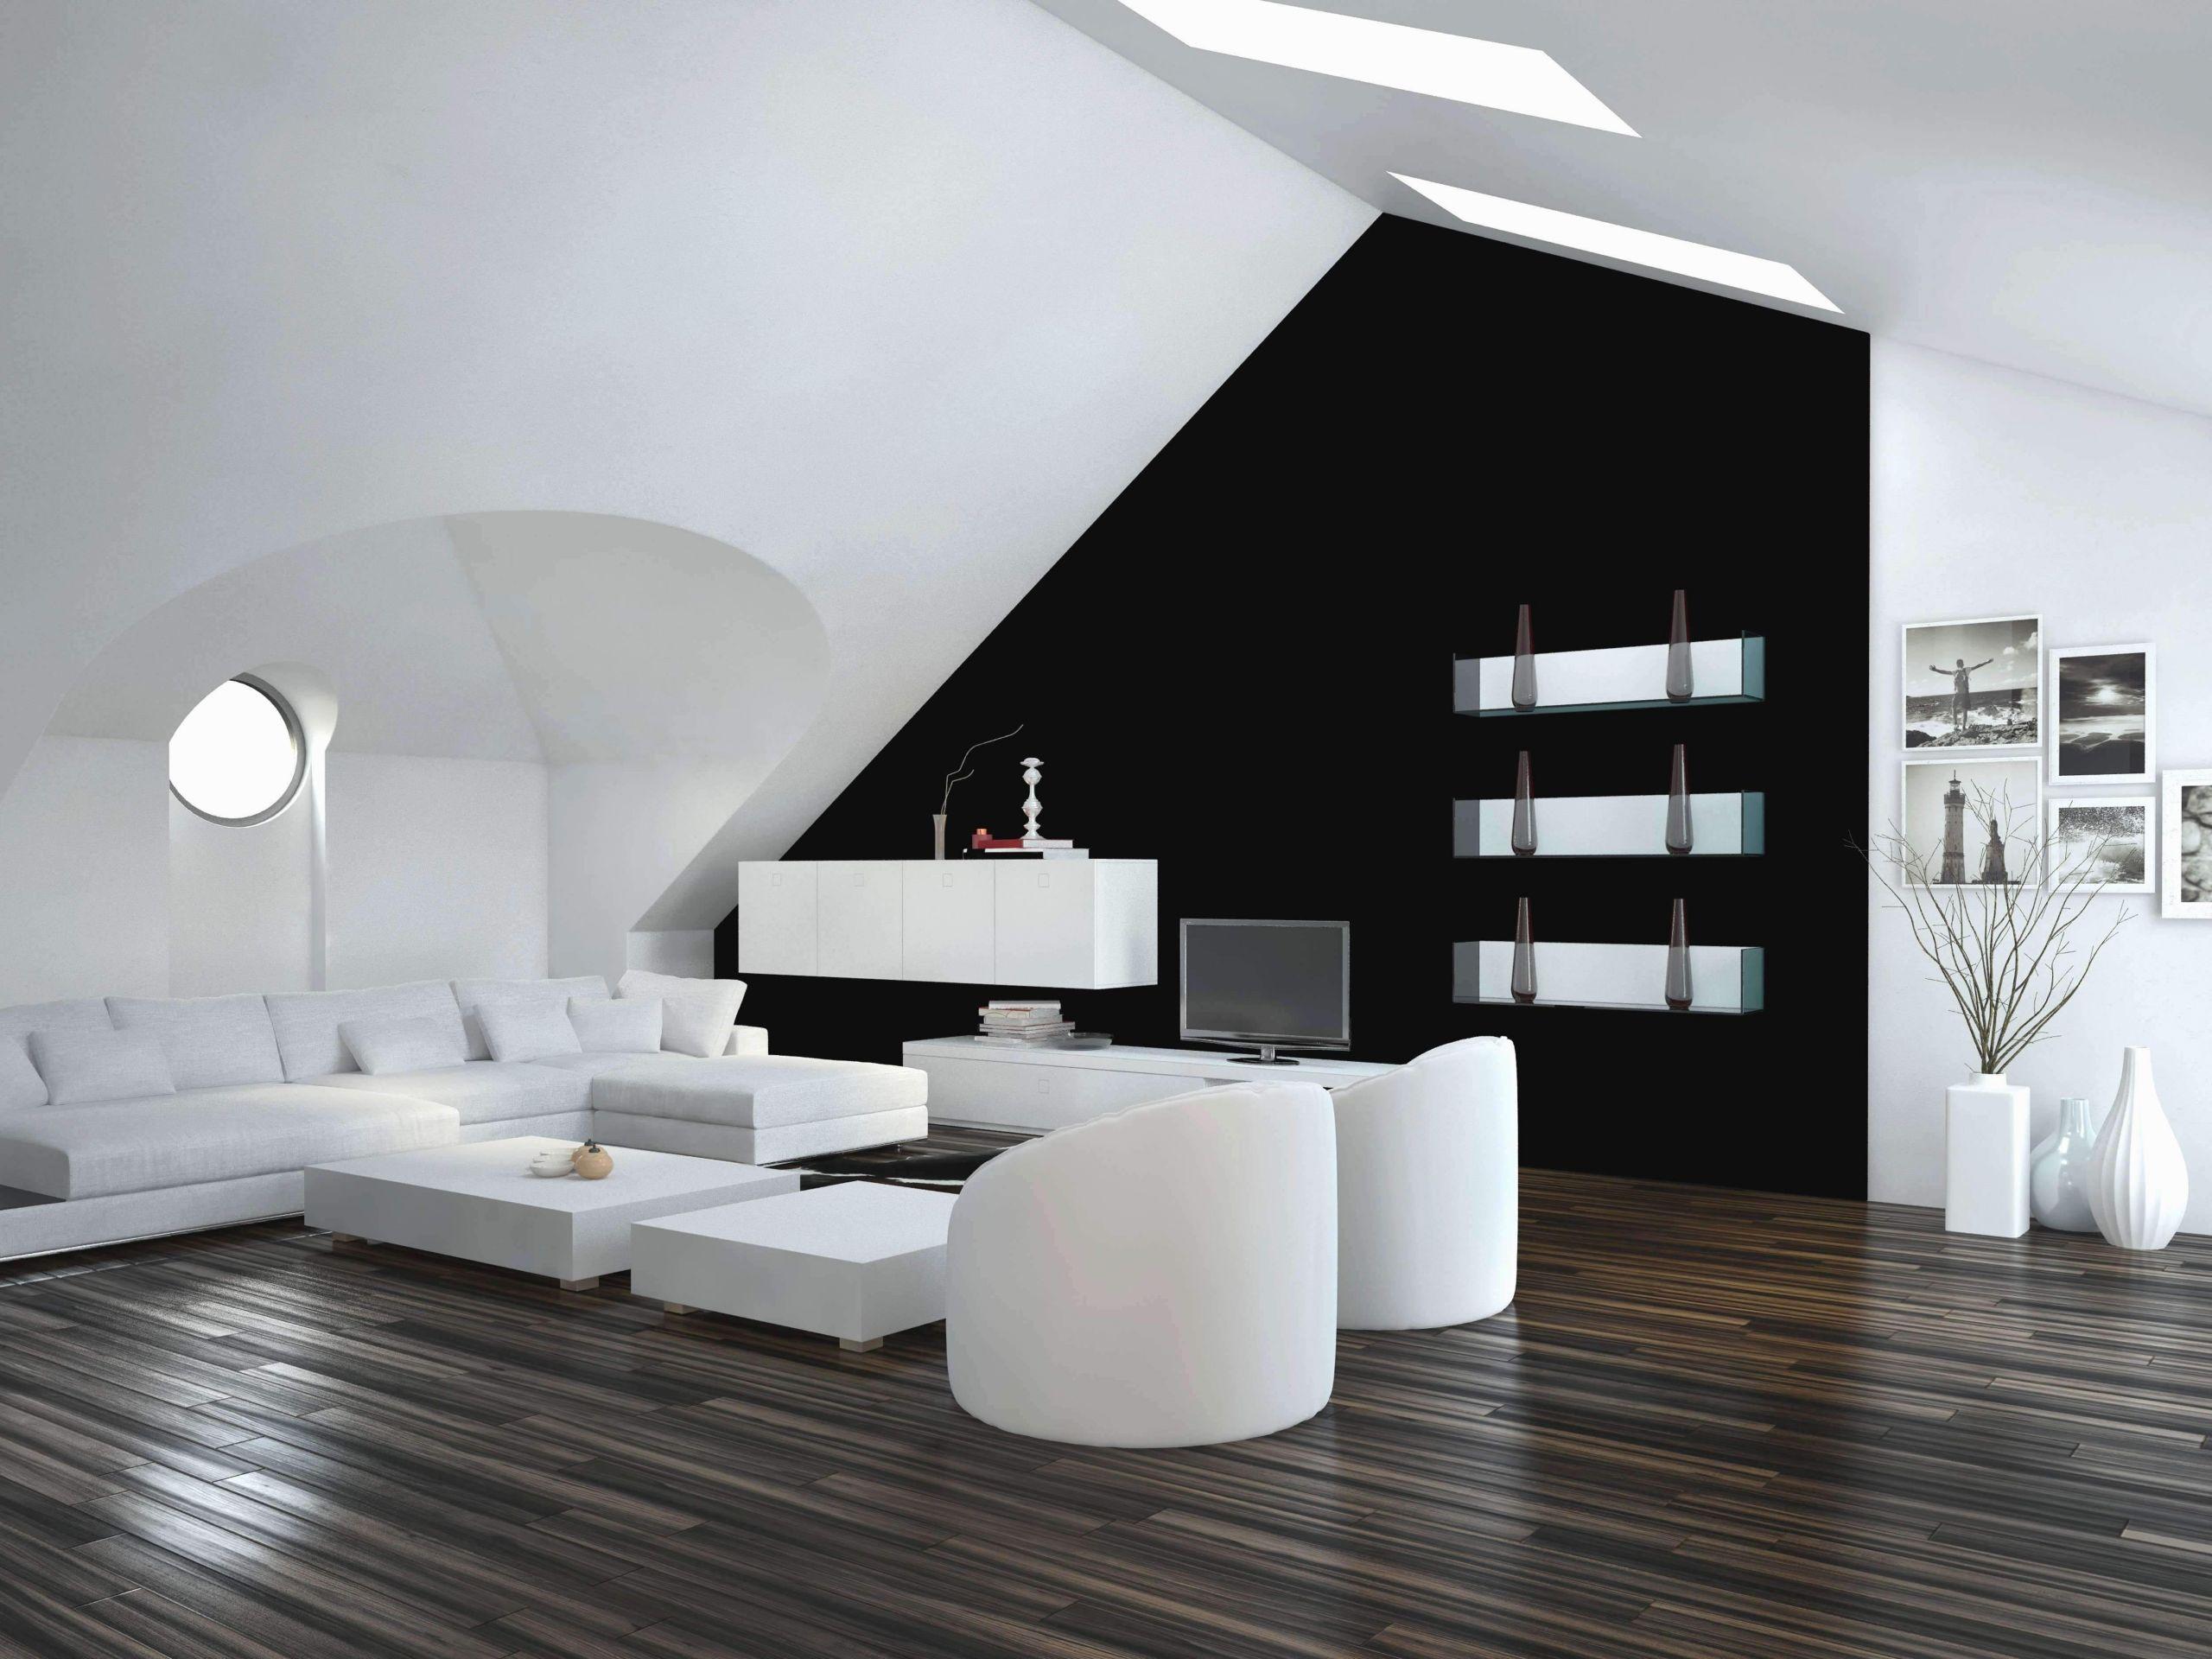 Ideen Dekoration Einzigartig 25 Elegant Dekoration Wohnzimmer Ideen Schön